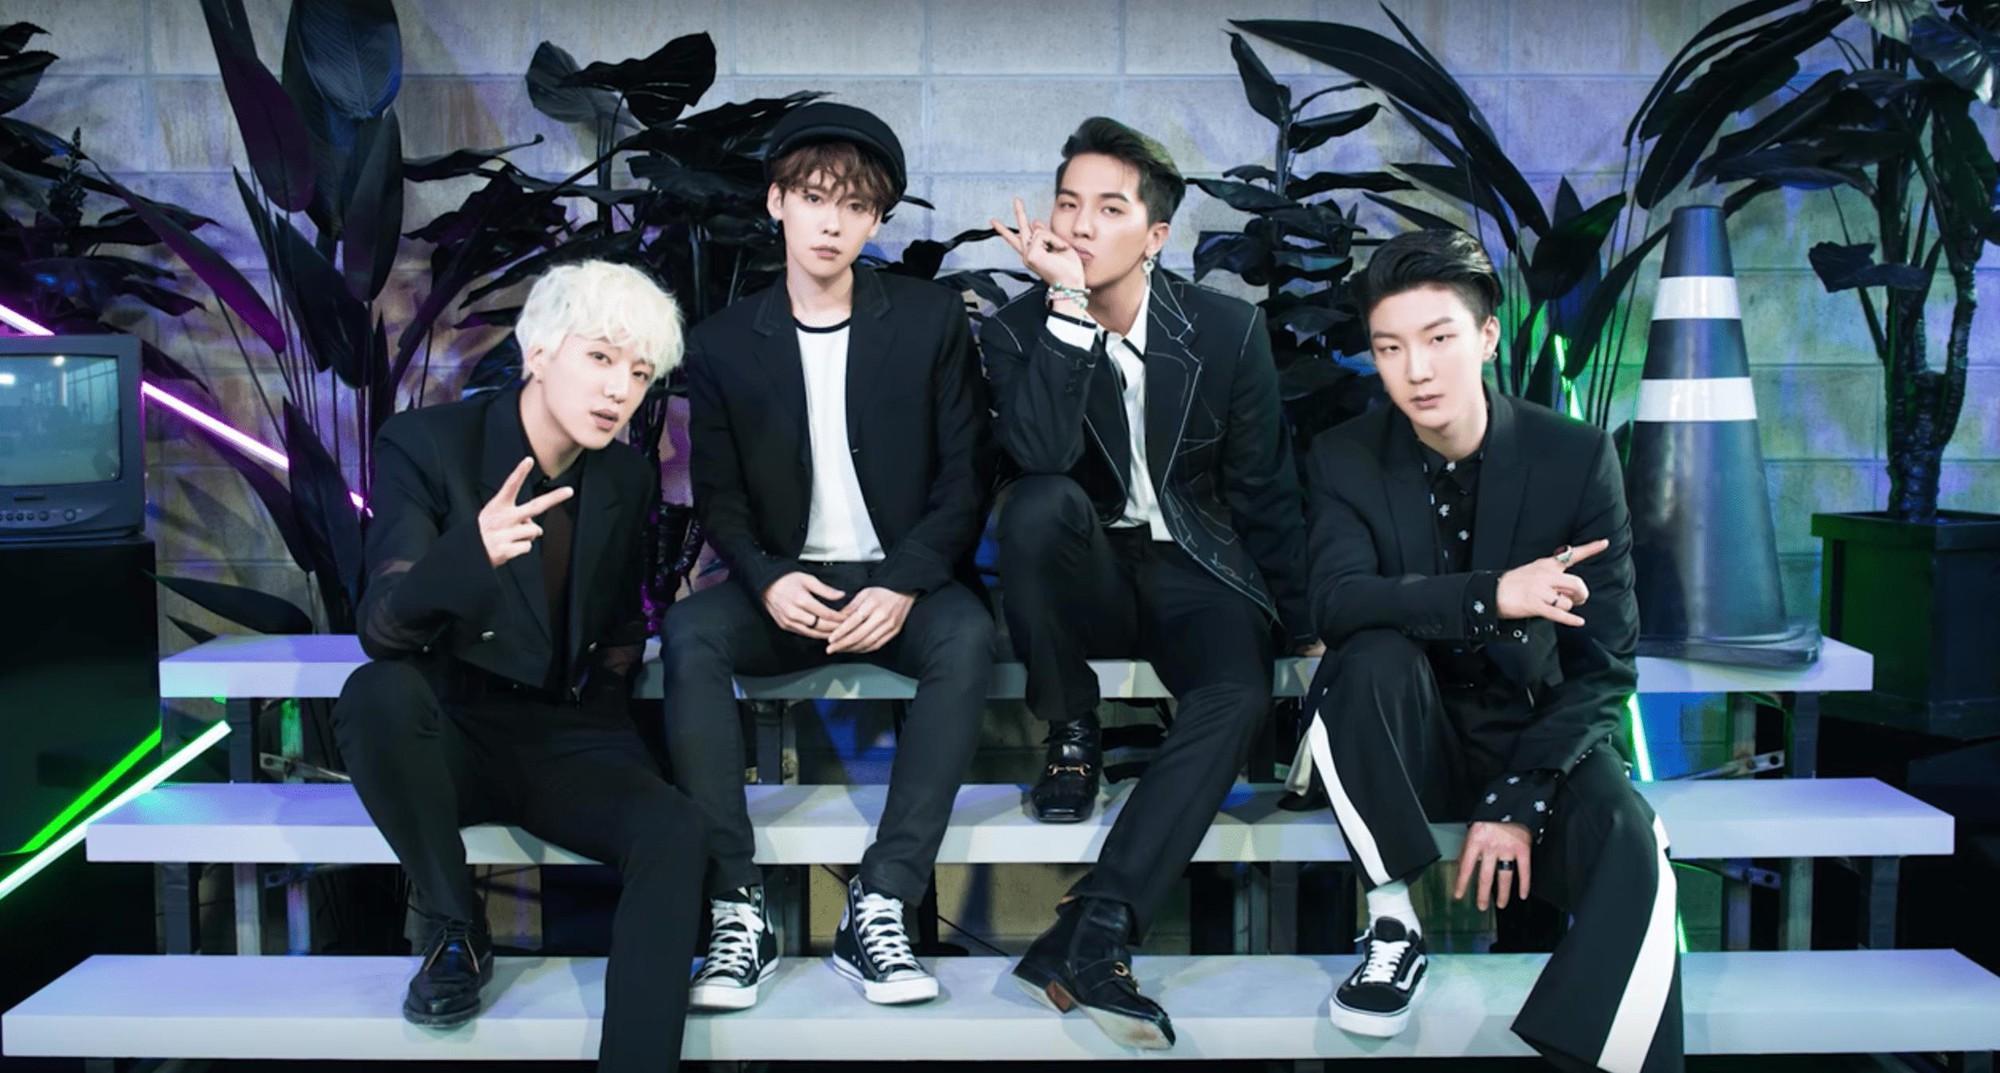 Tổng kết Kpop 2017: